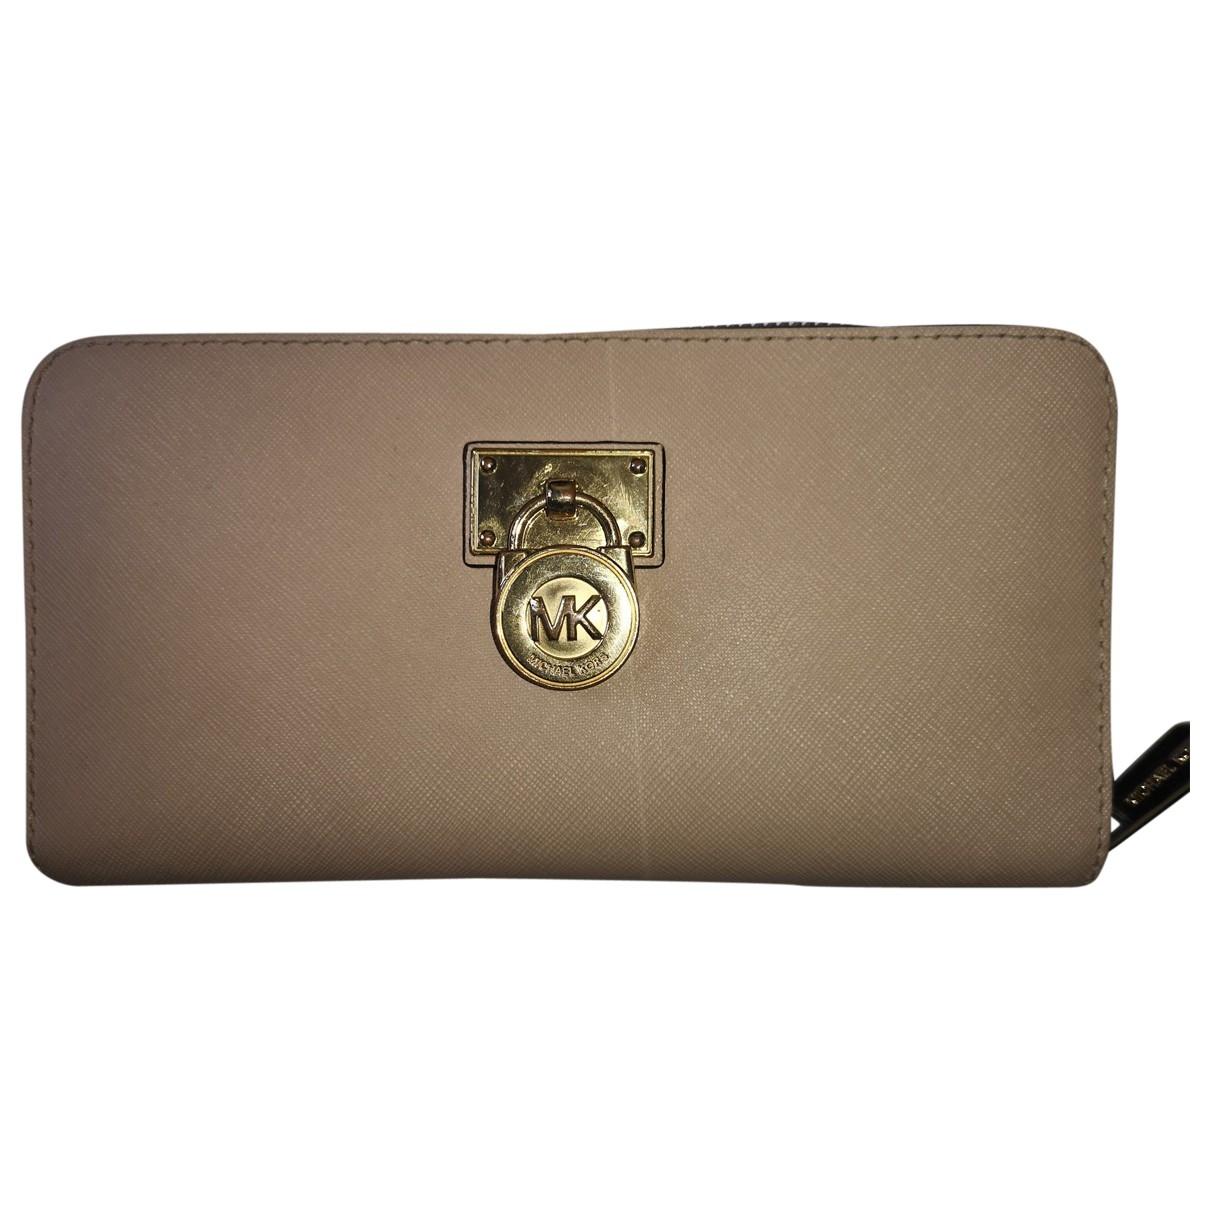 Michael Kors - Portefeuille   pour femme en cuir - beige